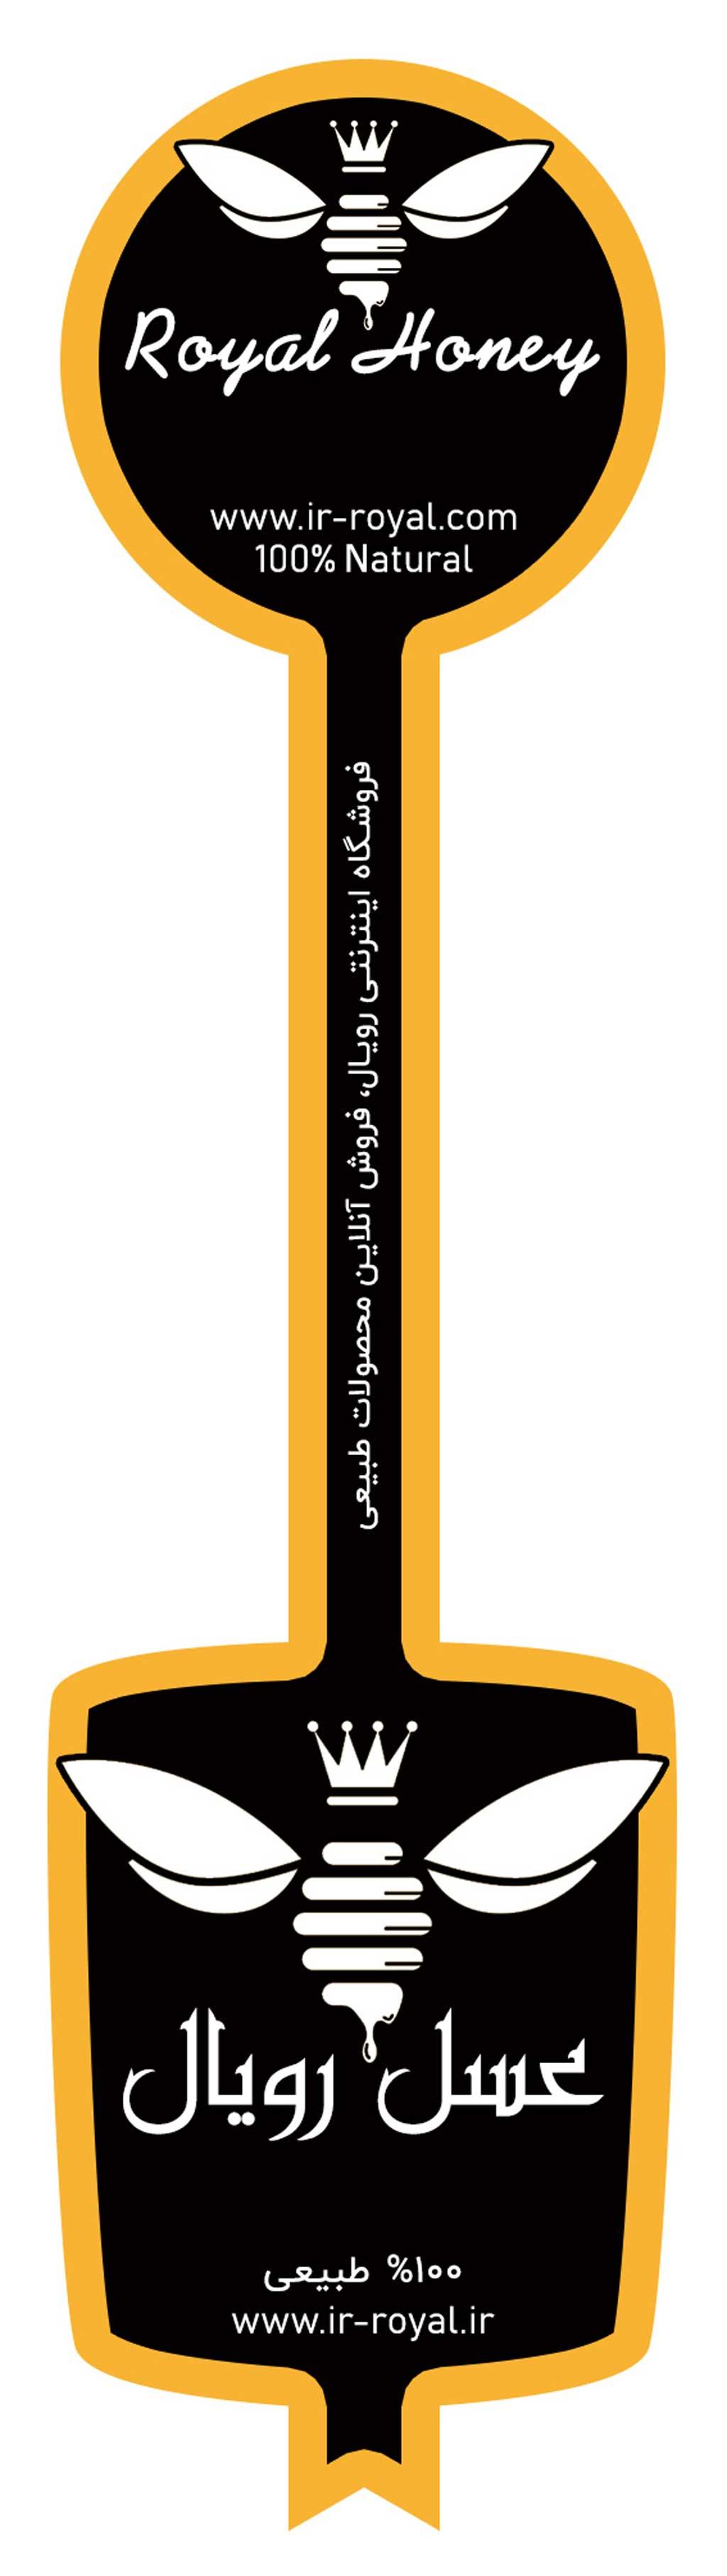 طراحی بسته بندی آی آر رویال